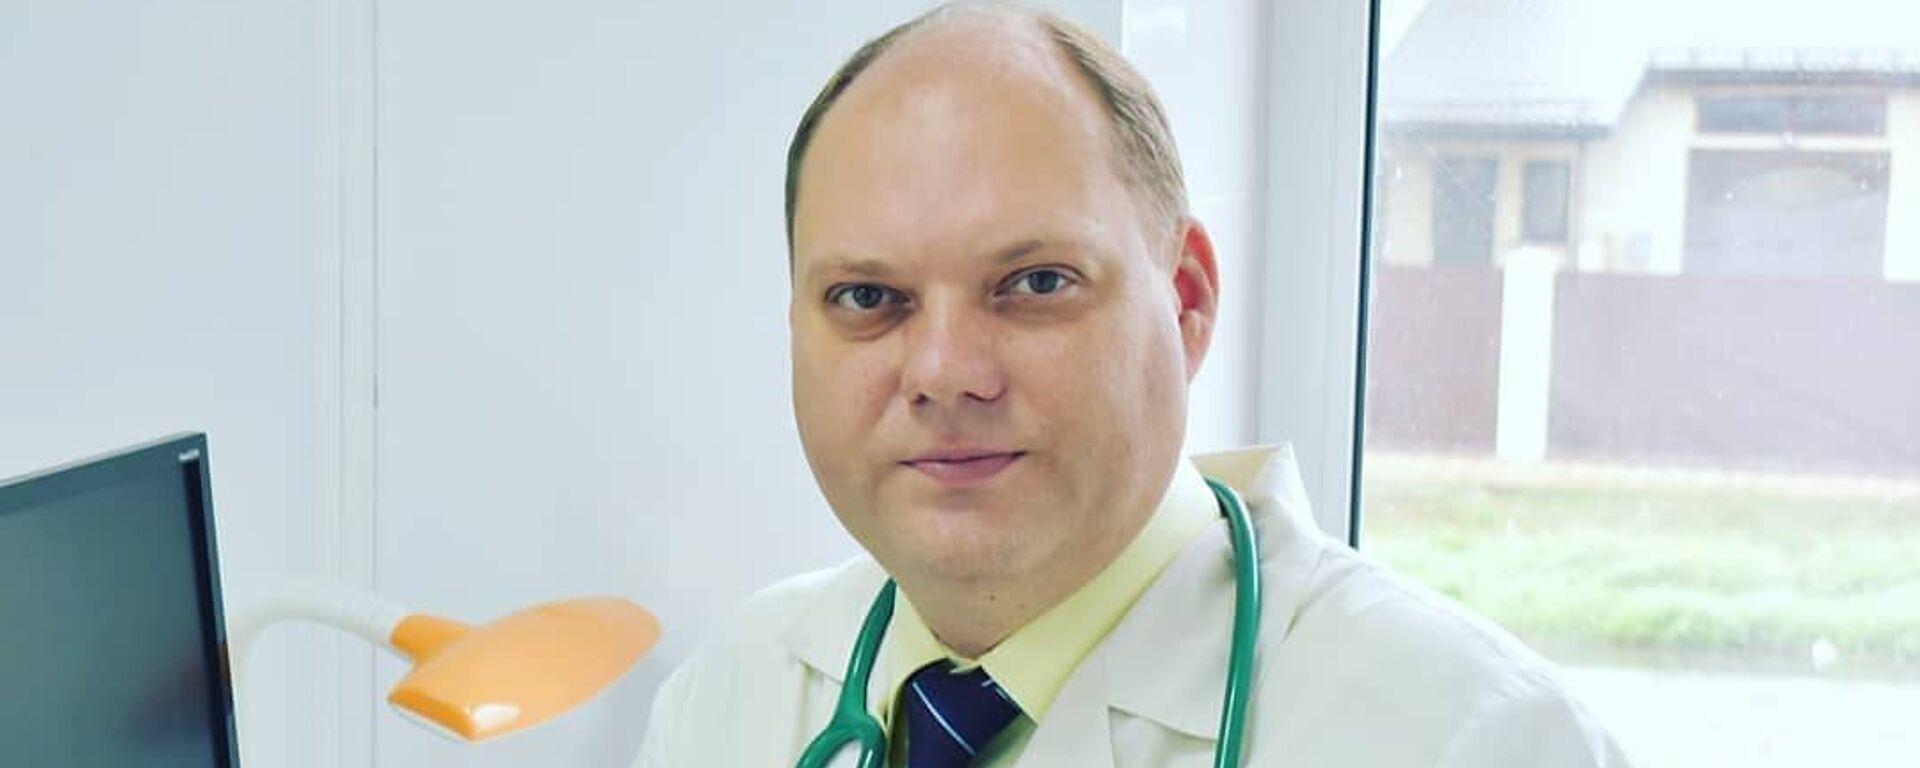 Yevgeniy Timakov, Vrach-pediatr, infektsionist i vaktsinolog, glavnыy vrach medtsentra «Lider-Meditsina» - Sputnik Oʻzbekiston, 1920, 28.06.2021